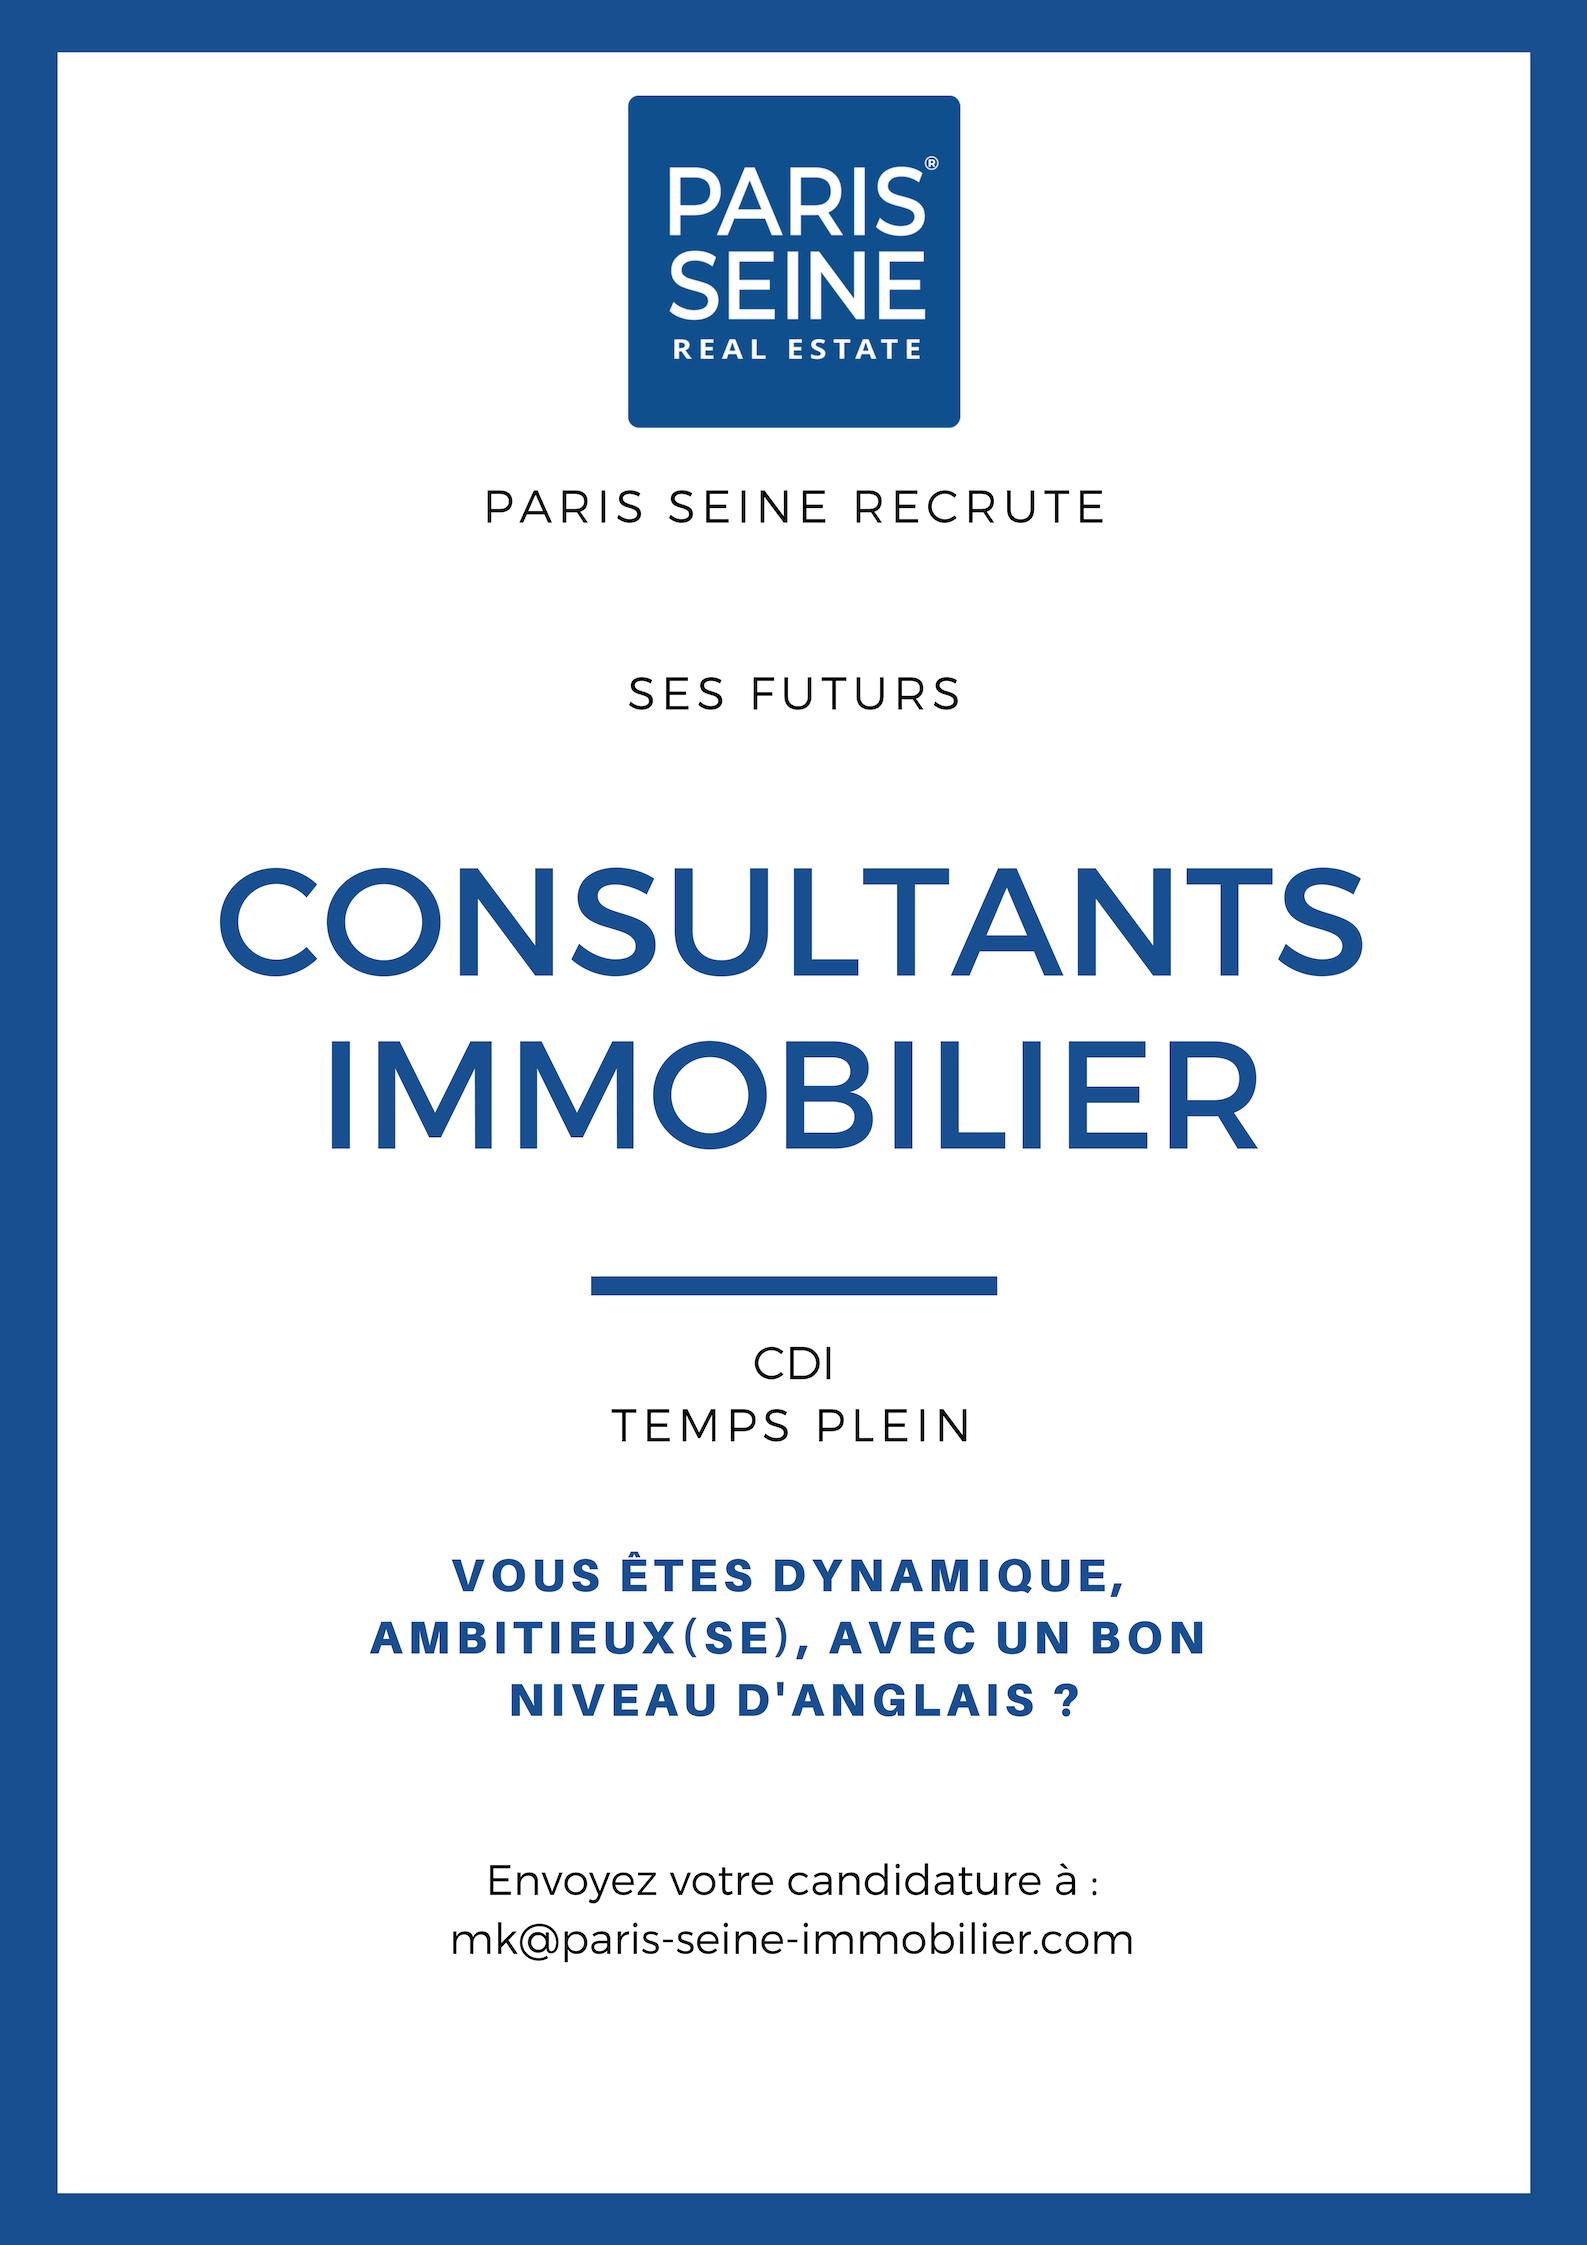 Offre d'emploi consultant immobilier à Paris